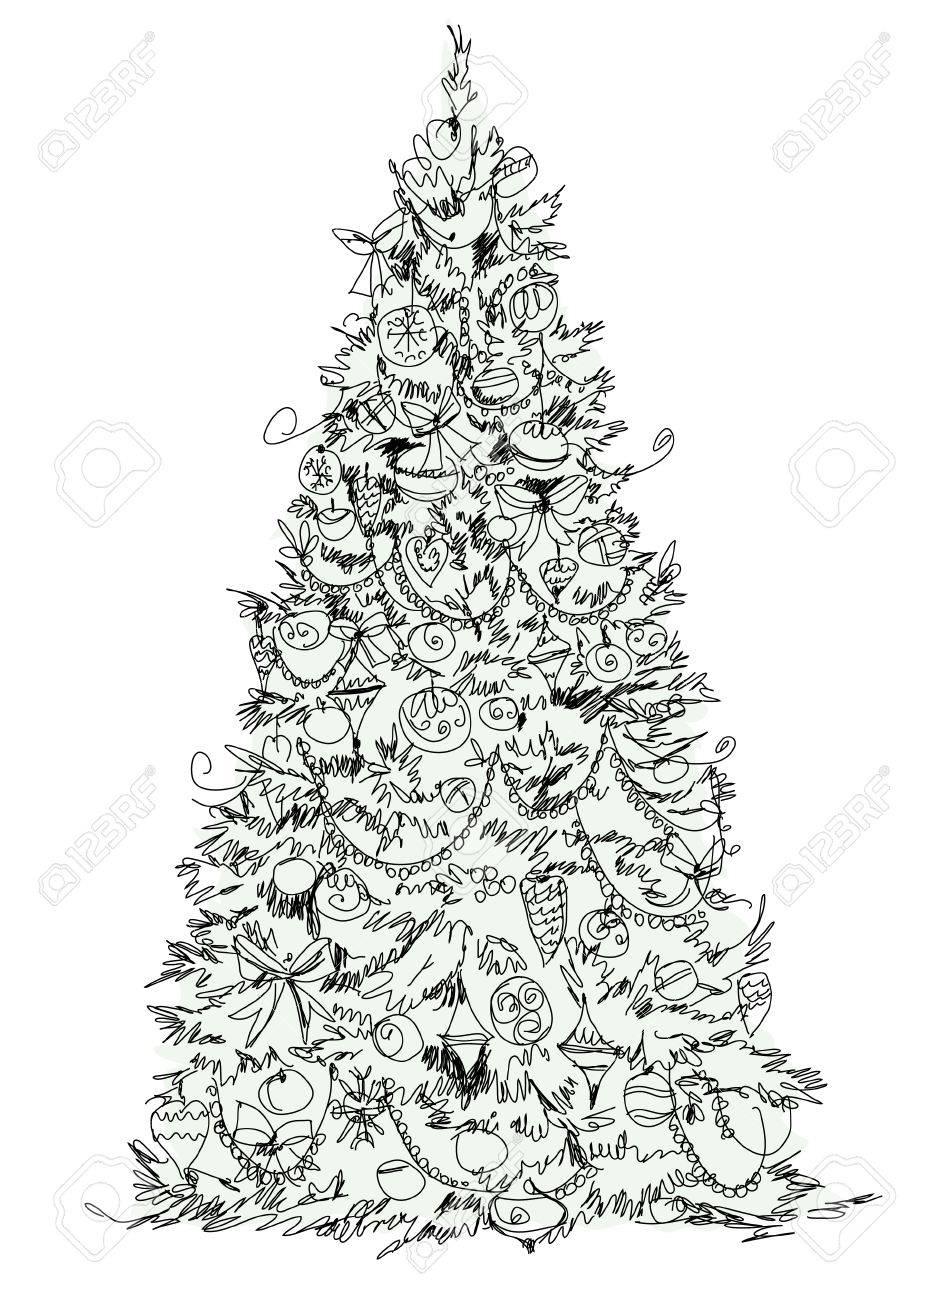 Christmas tree sketch stock photo 33863445